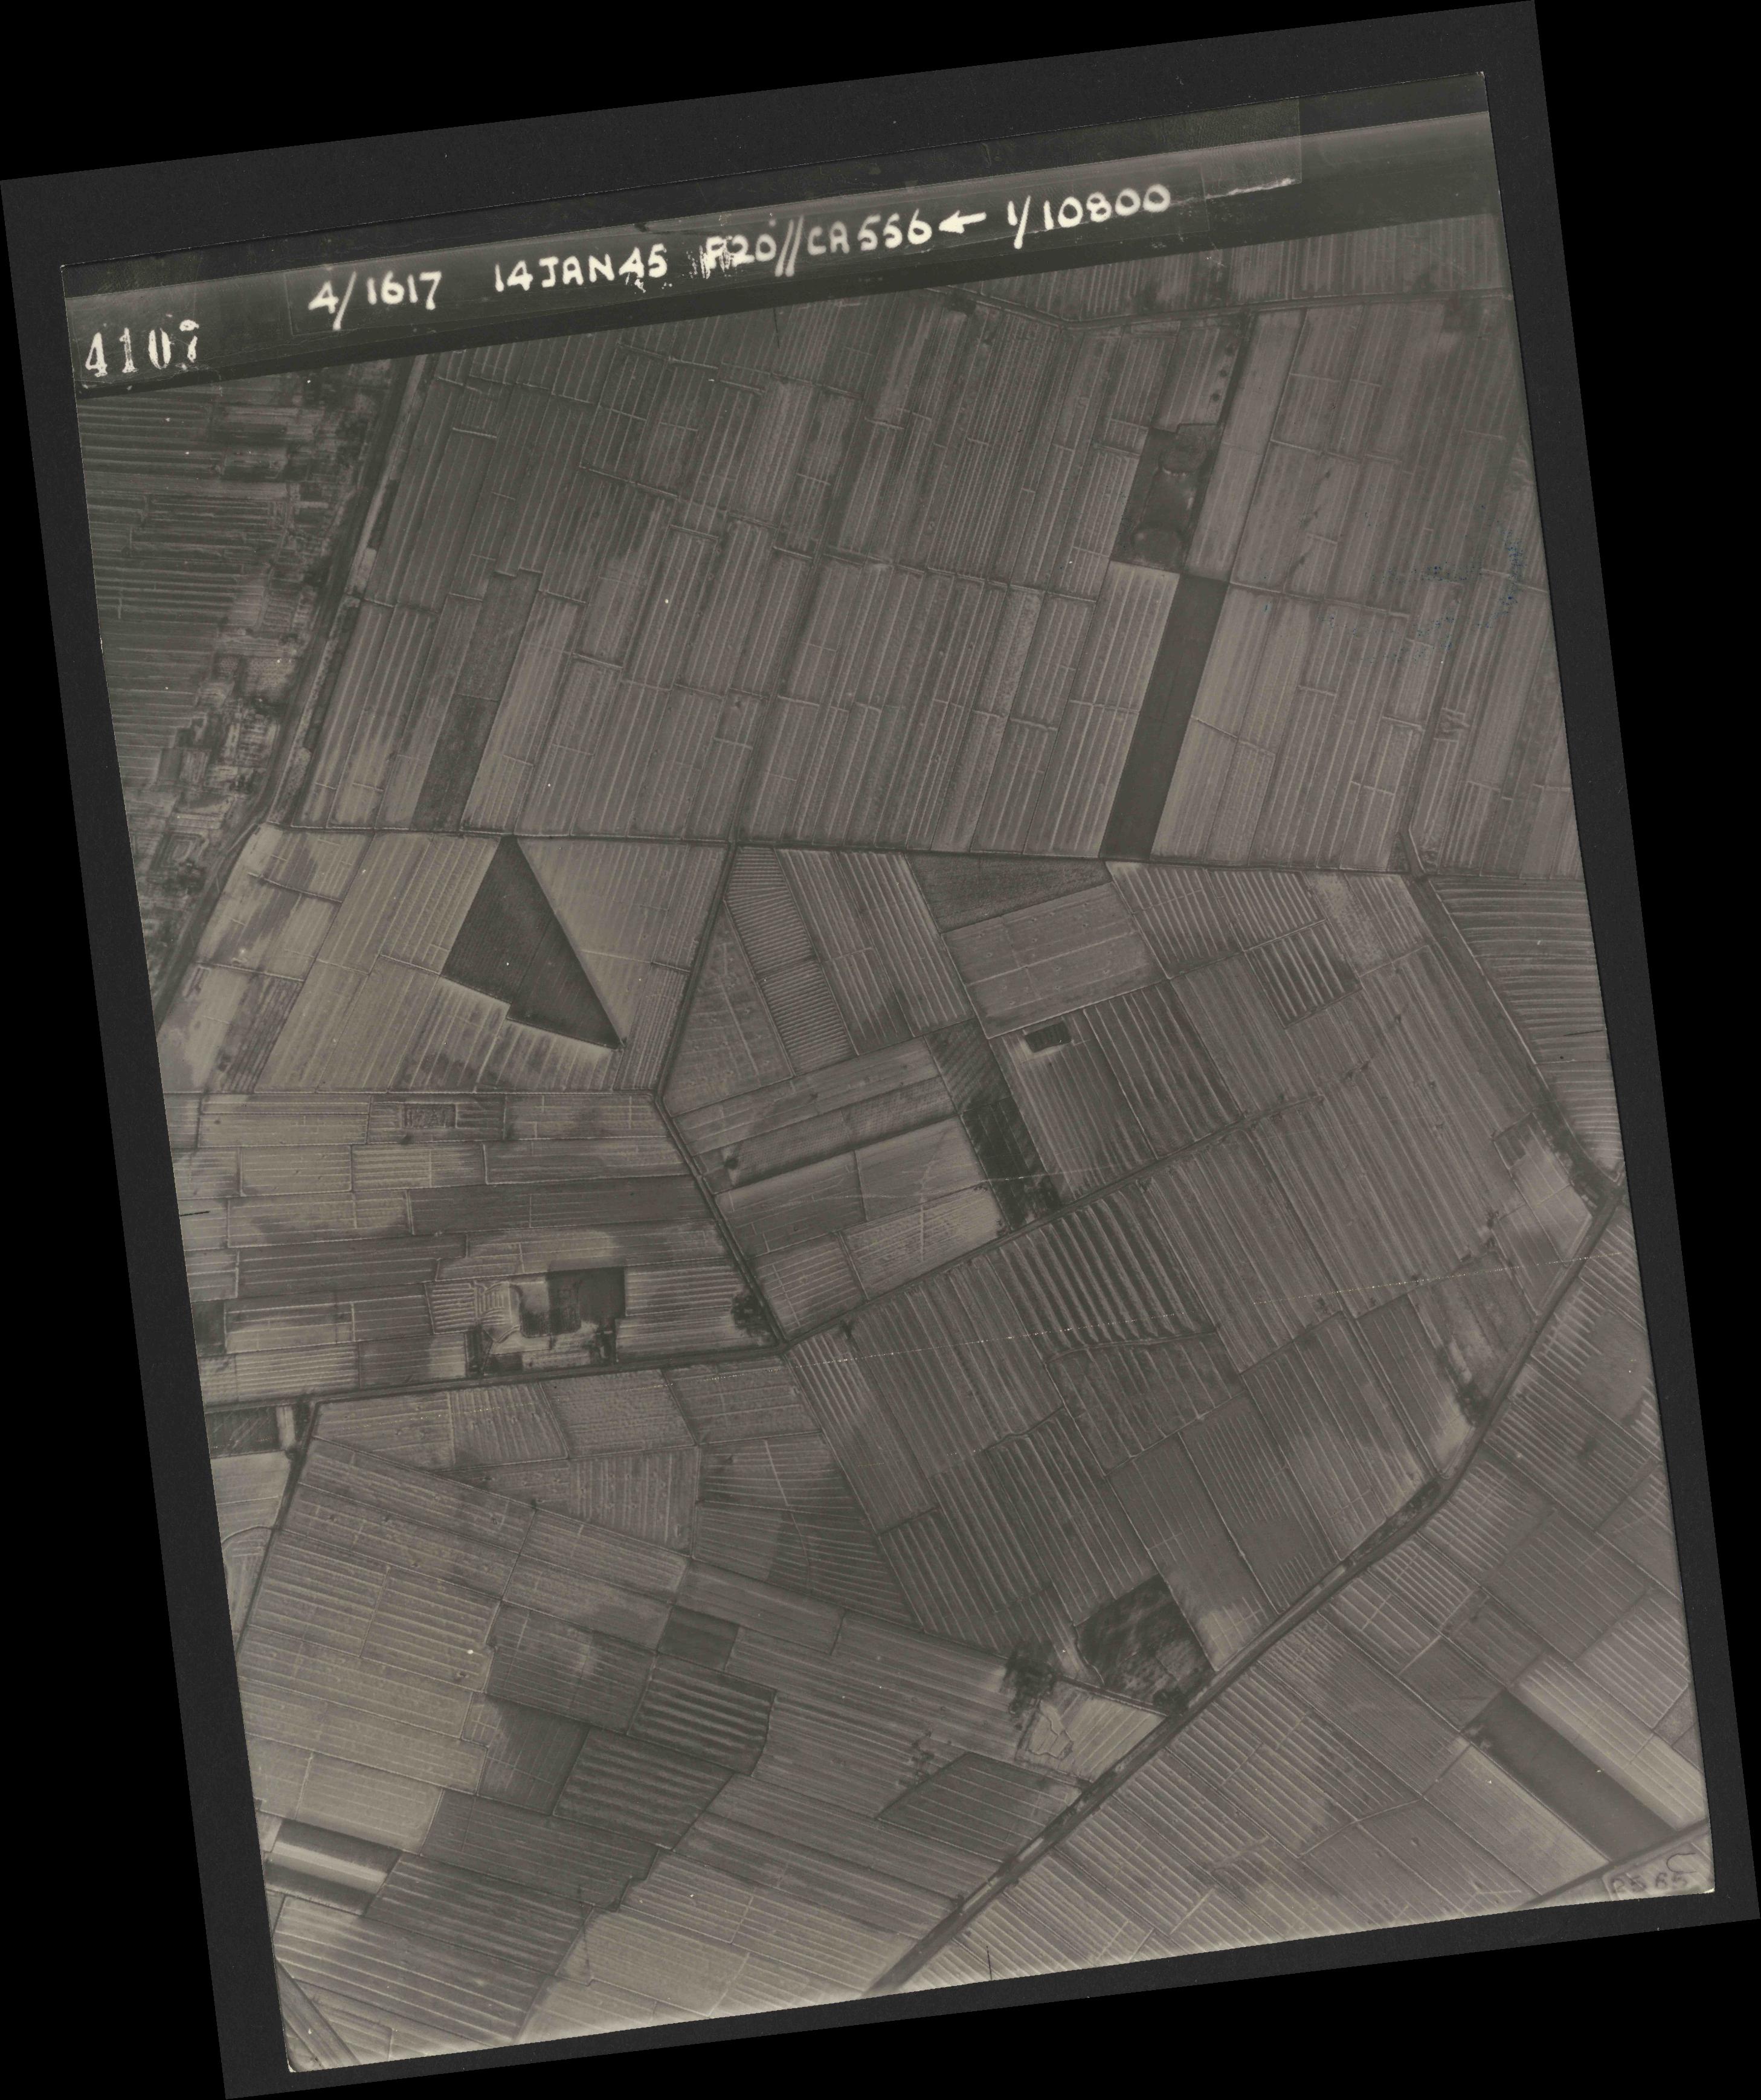 Collection RAF aerial photos 1940-1945 - flight 060, run 02, photo 4107